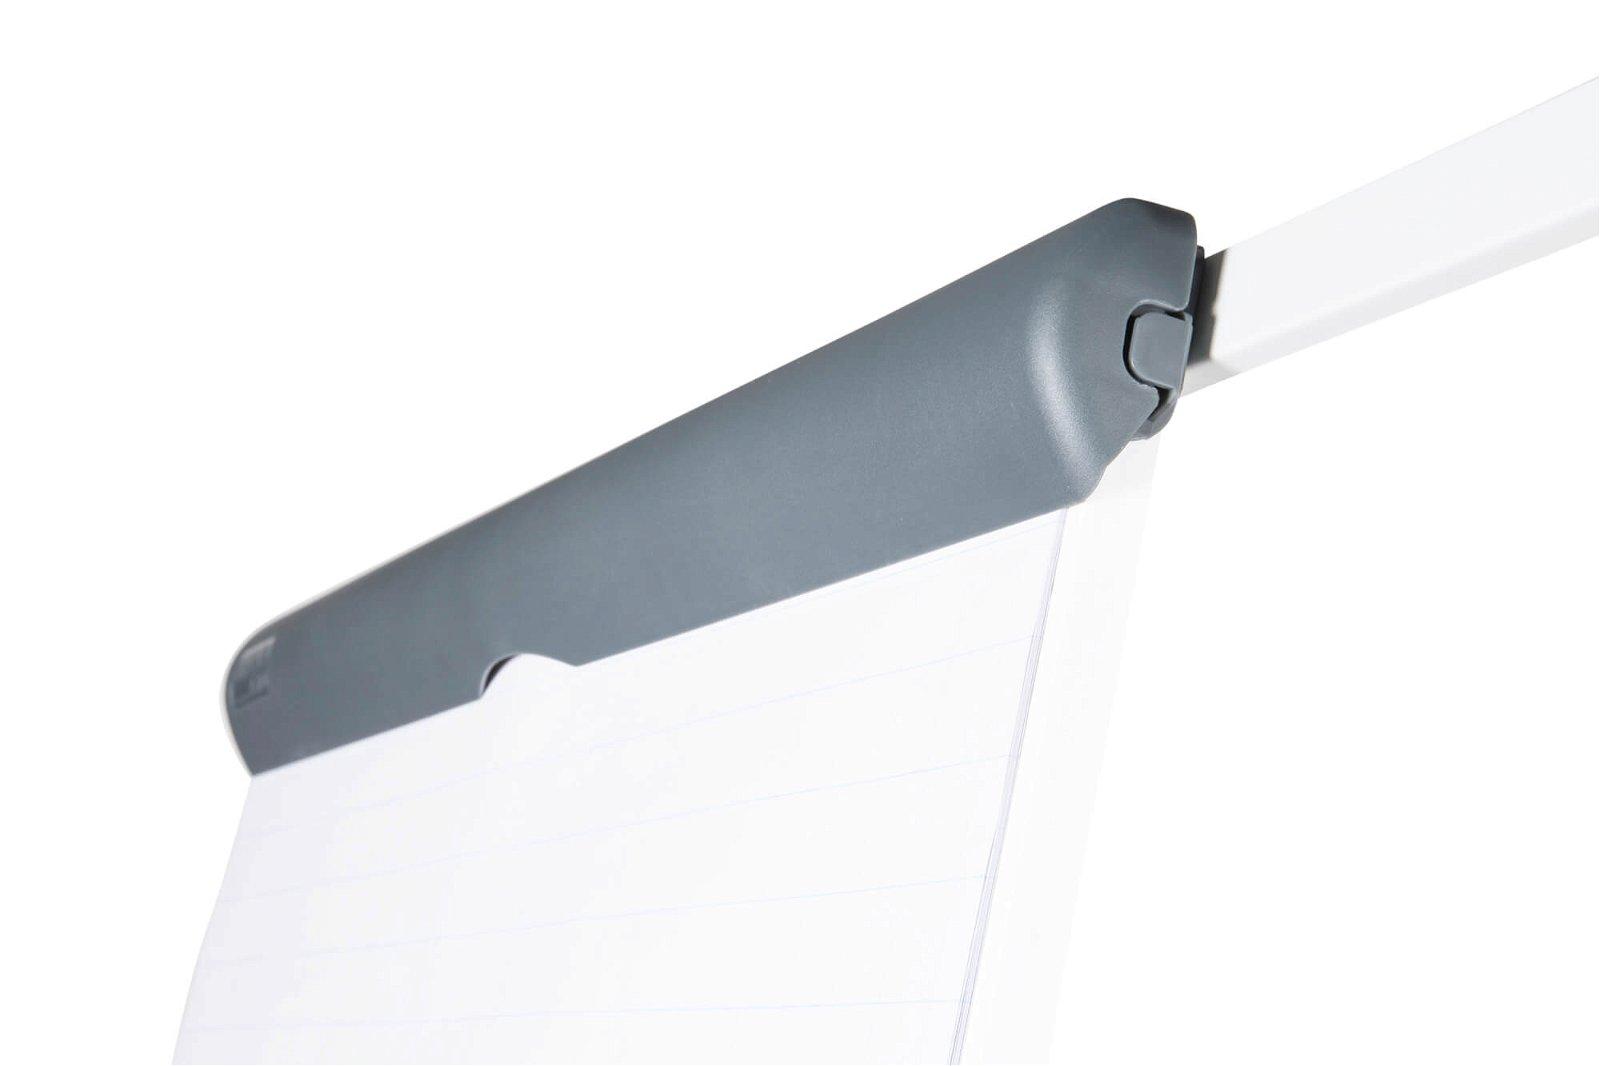 Flipchart MAULstandard, Dreibein plus, 2 Papierhaltern, grau